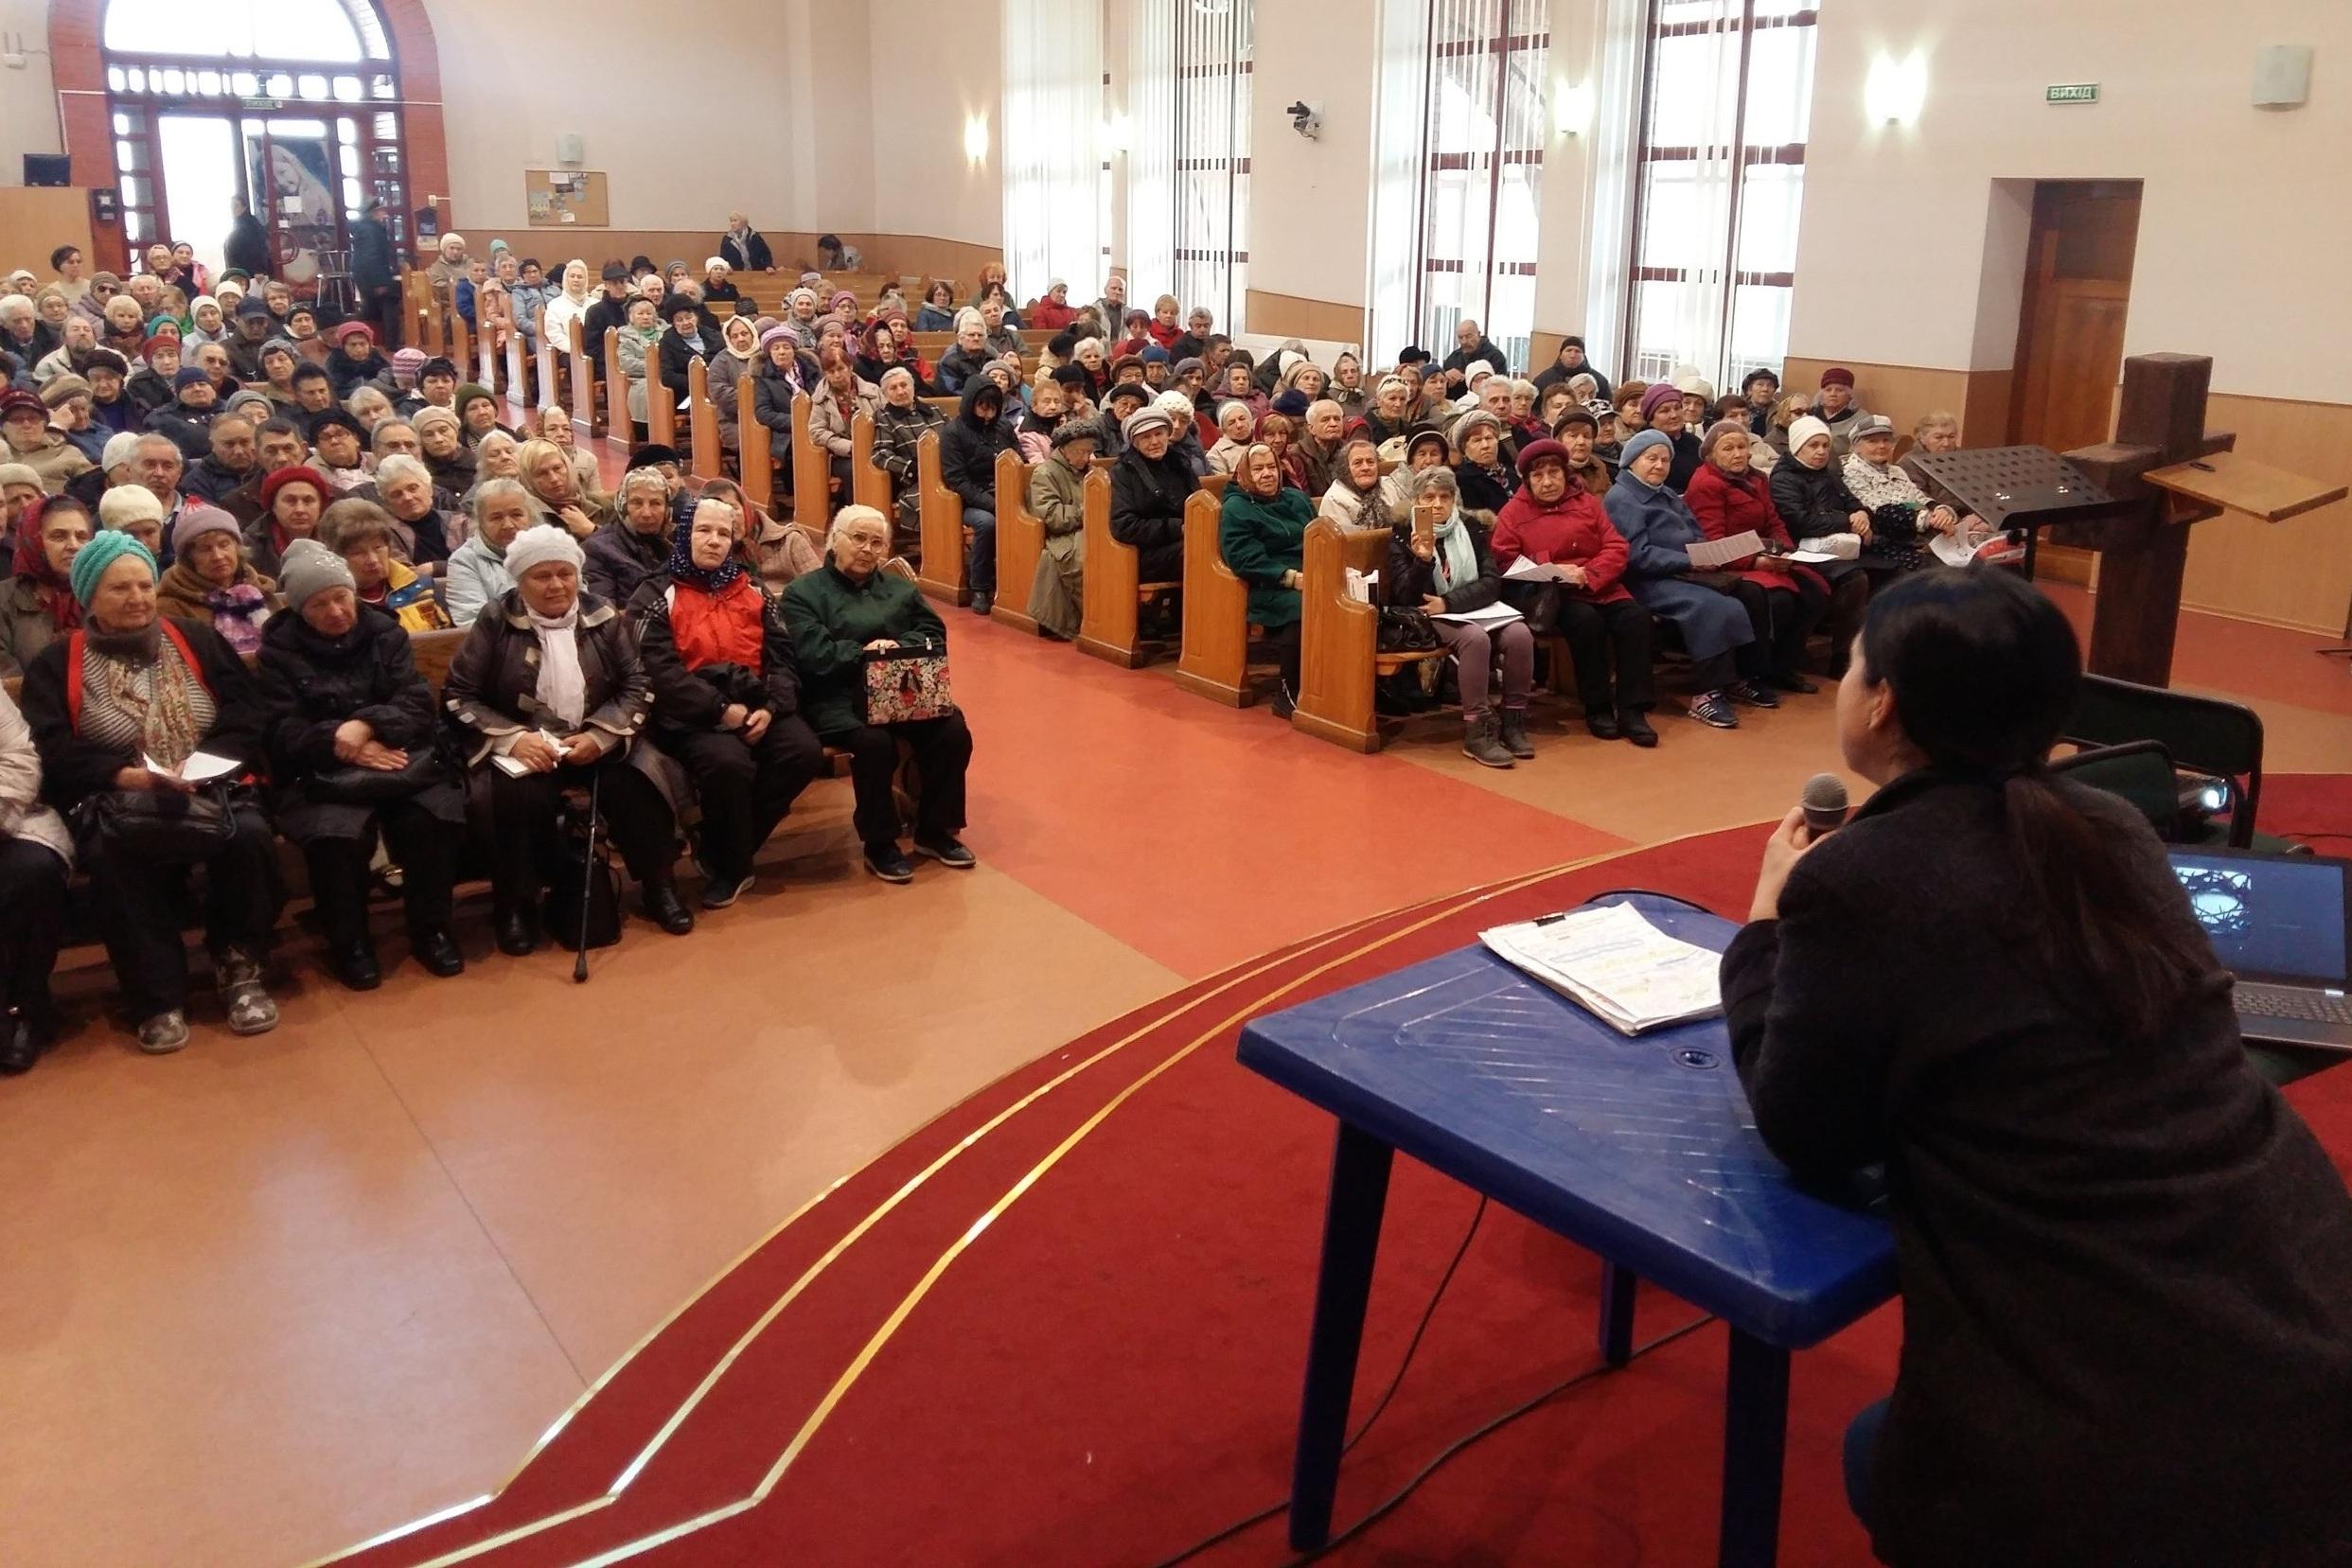 Lena Teaching Widow's Bible Class